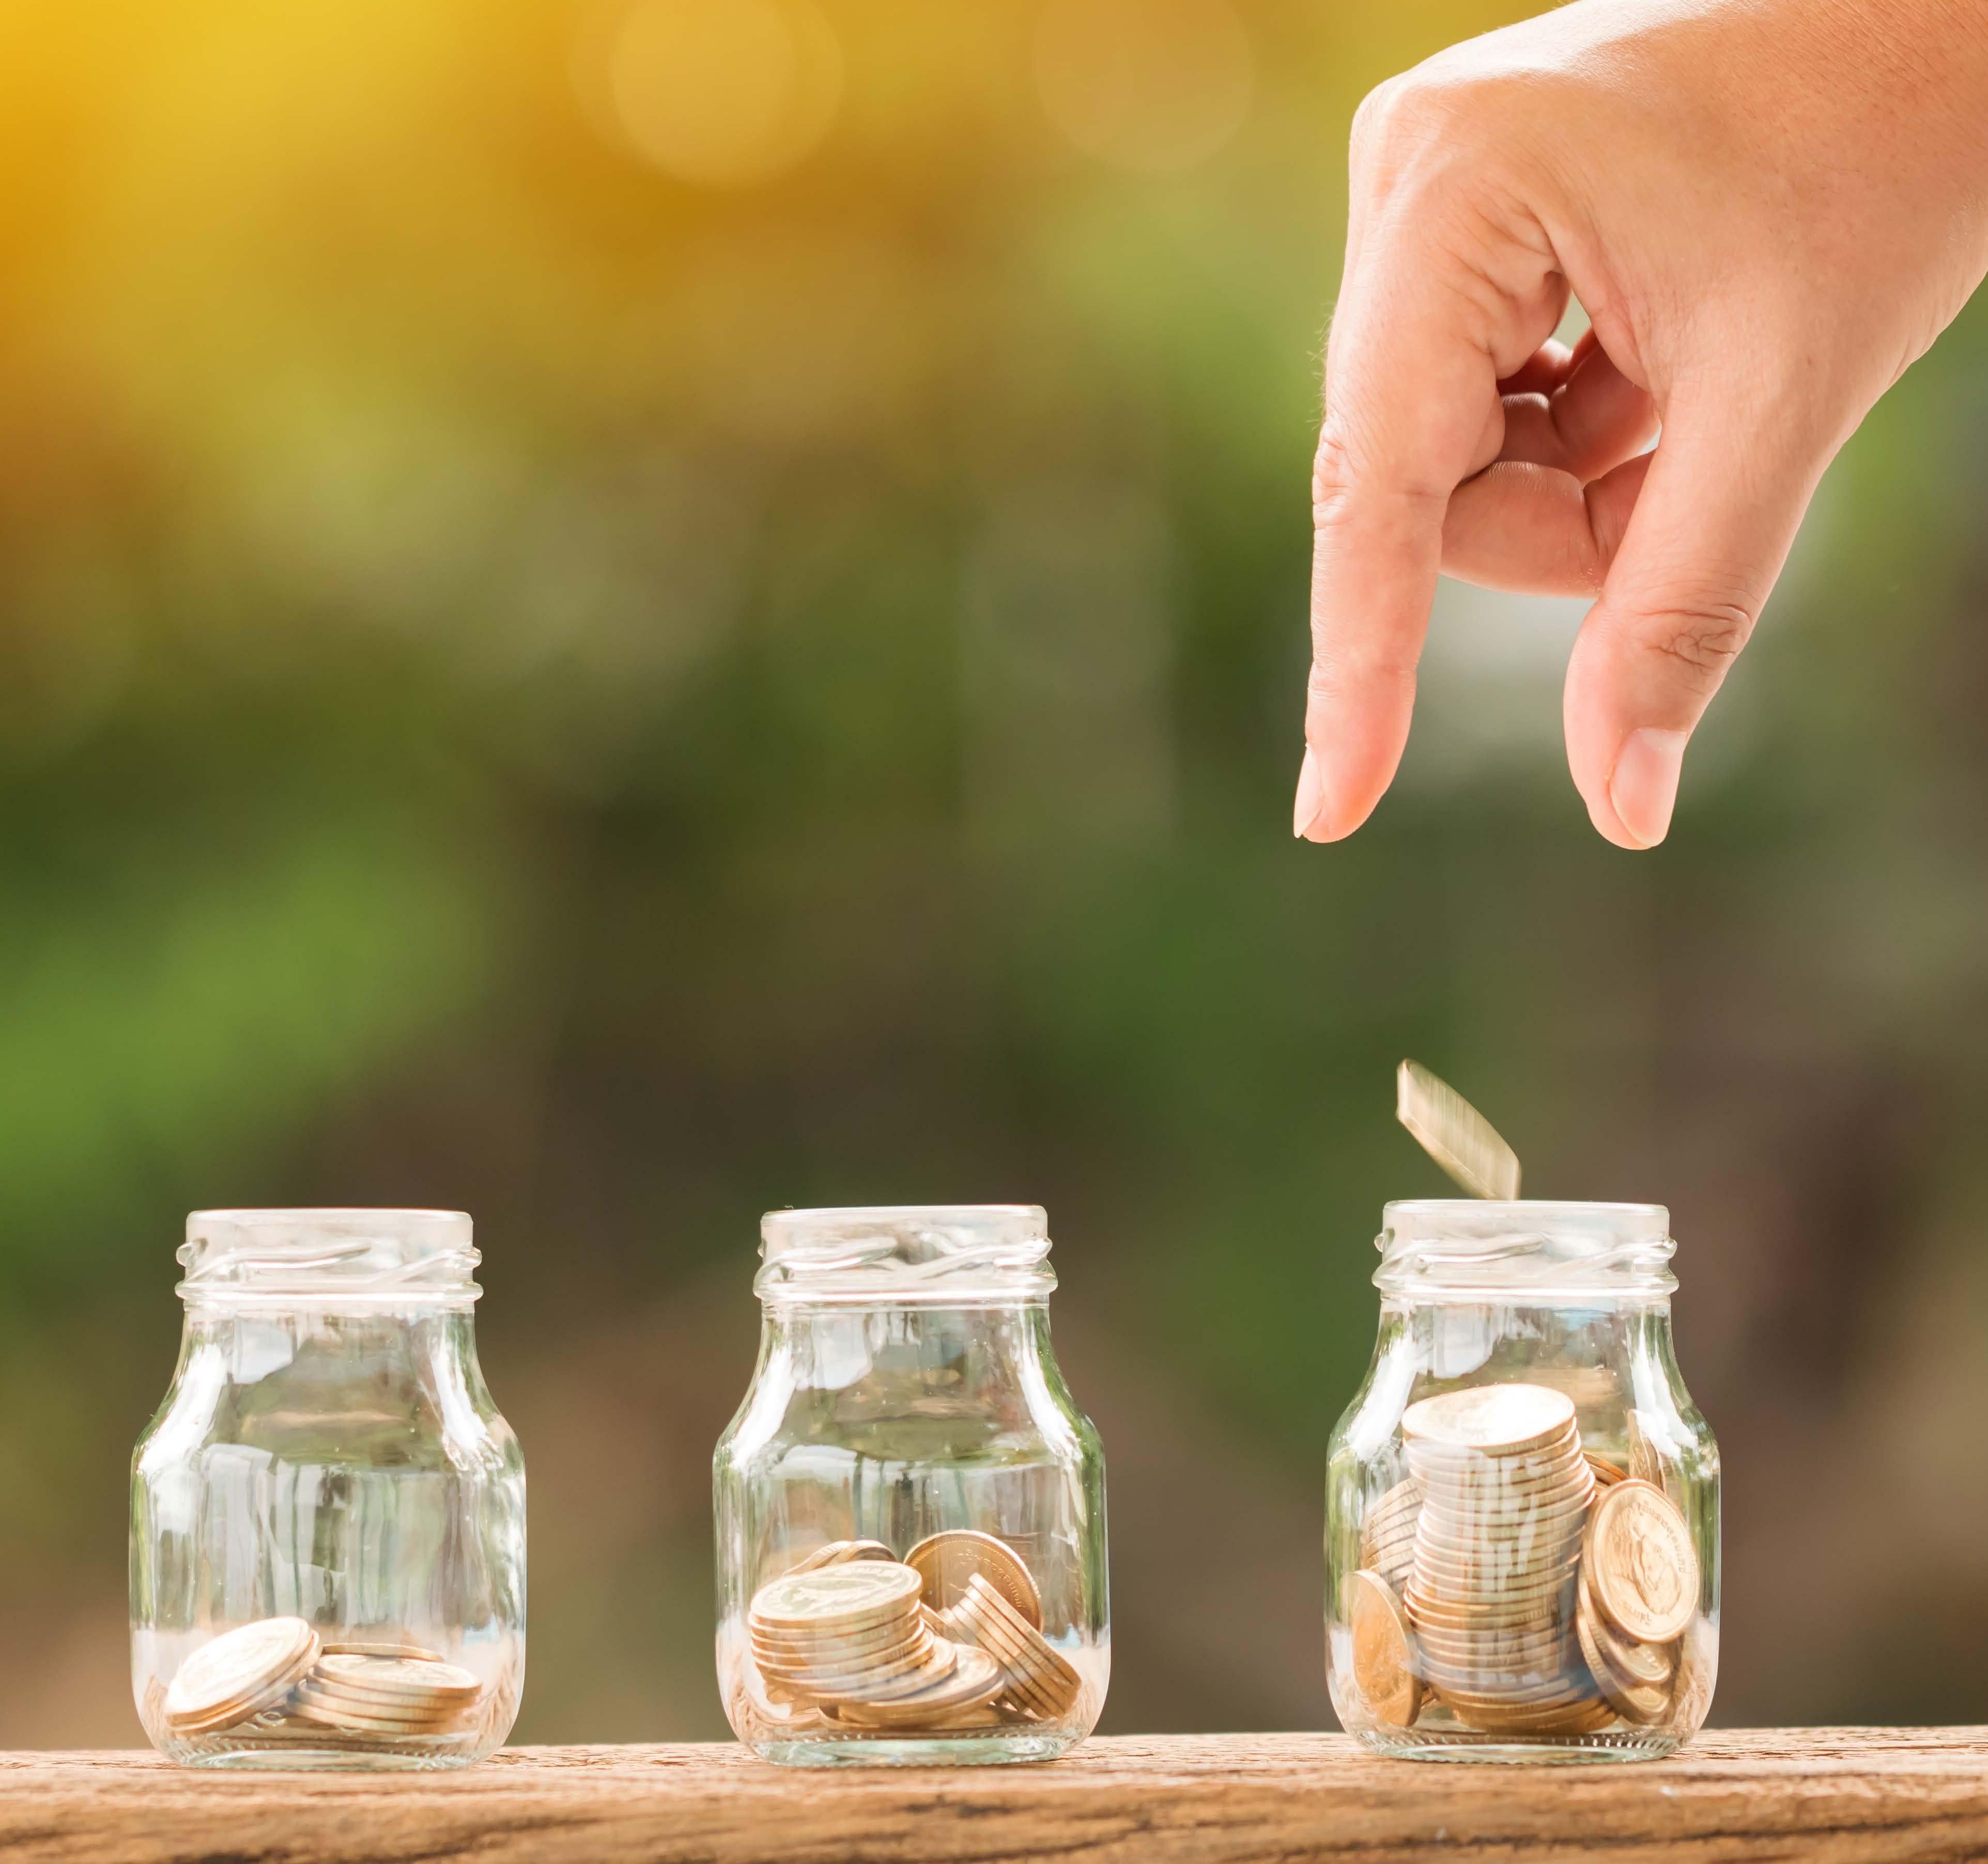 Savings Image 2